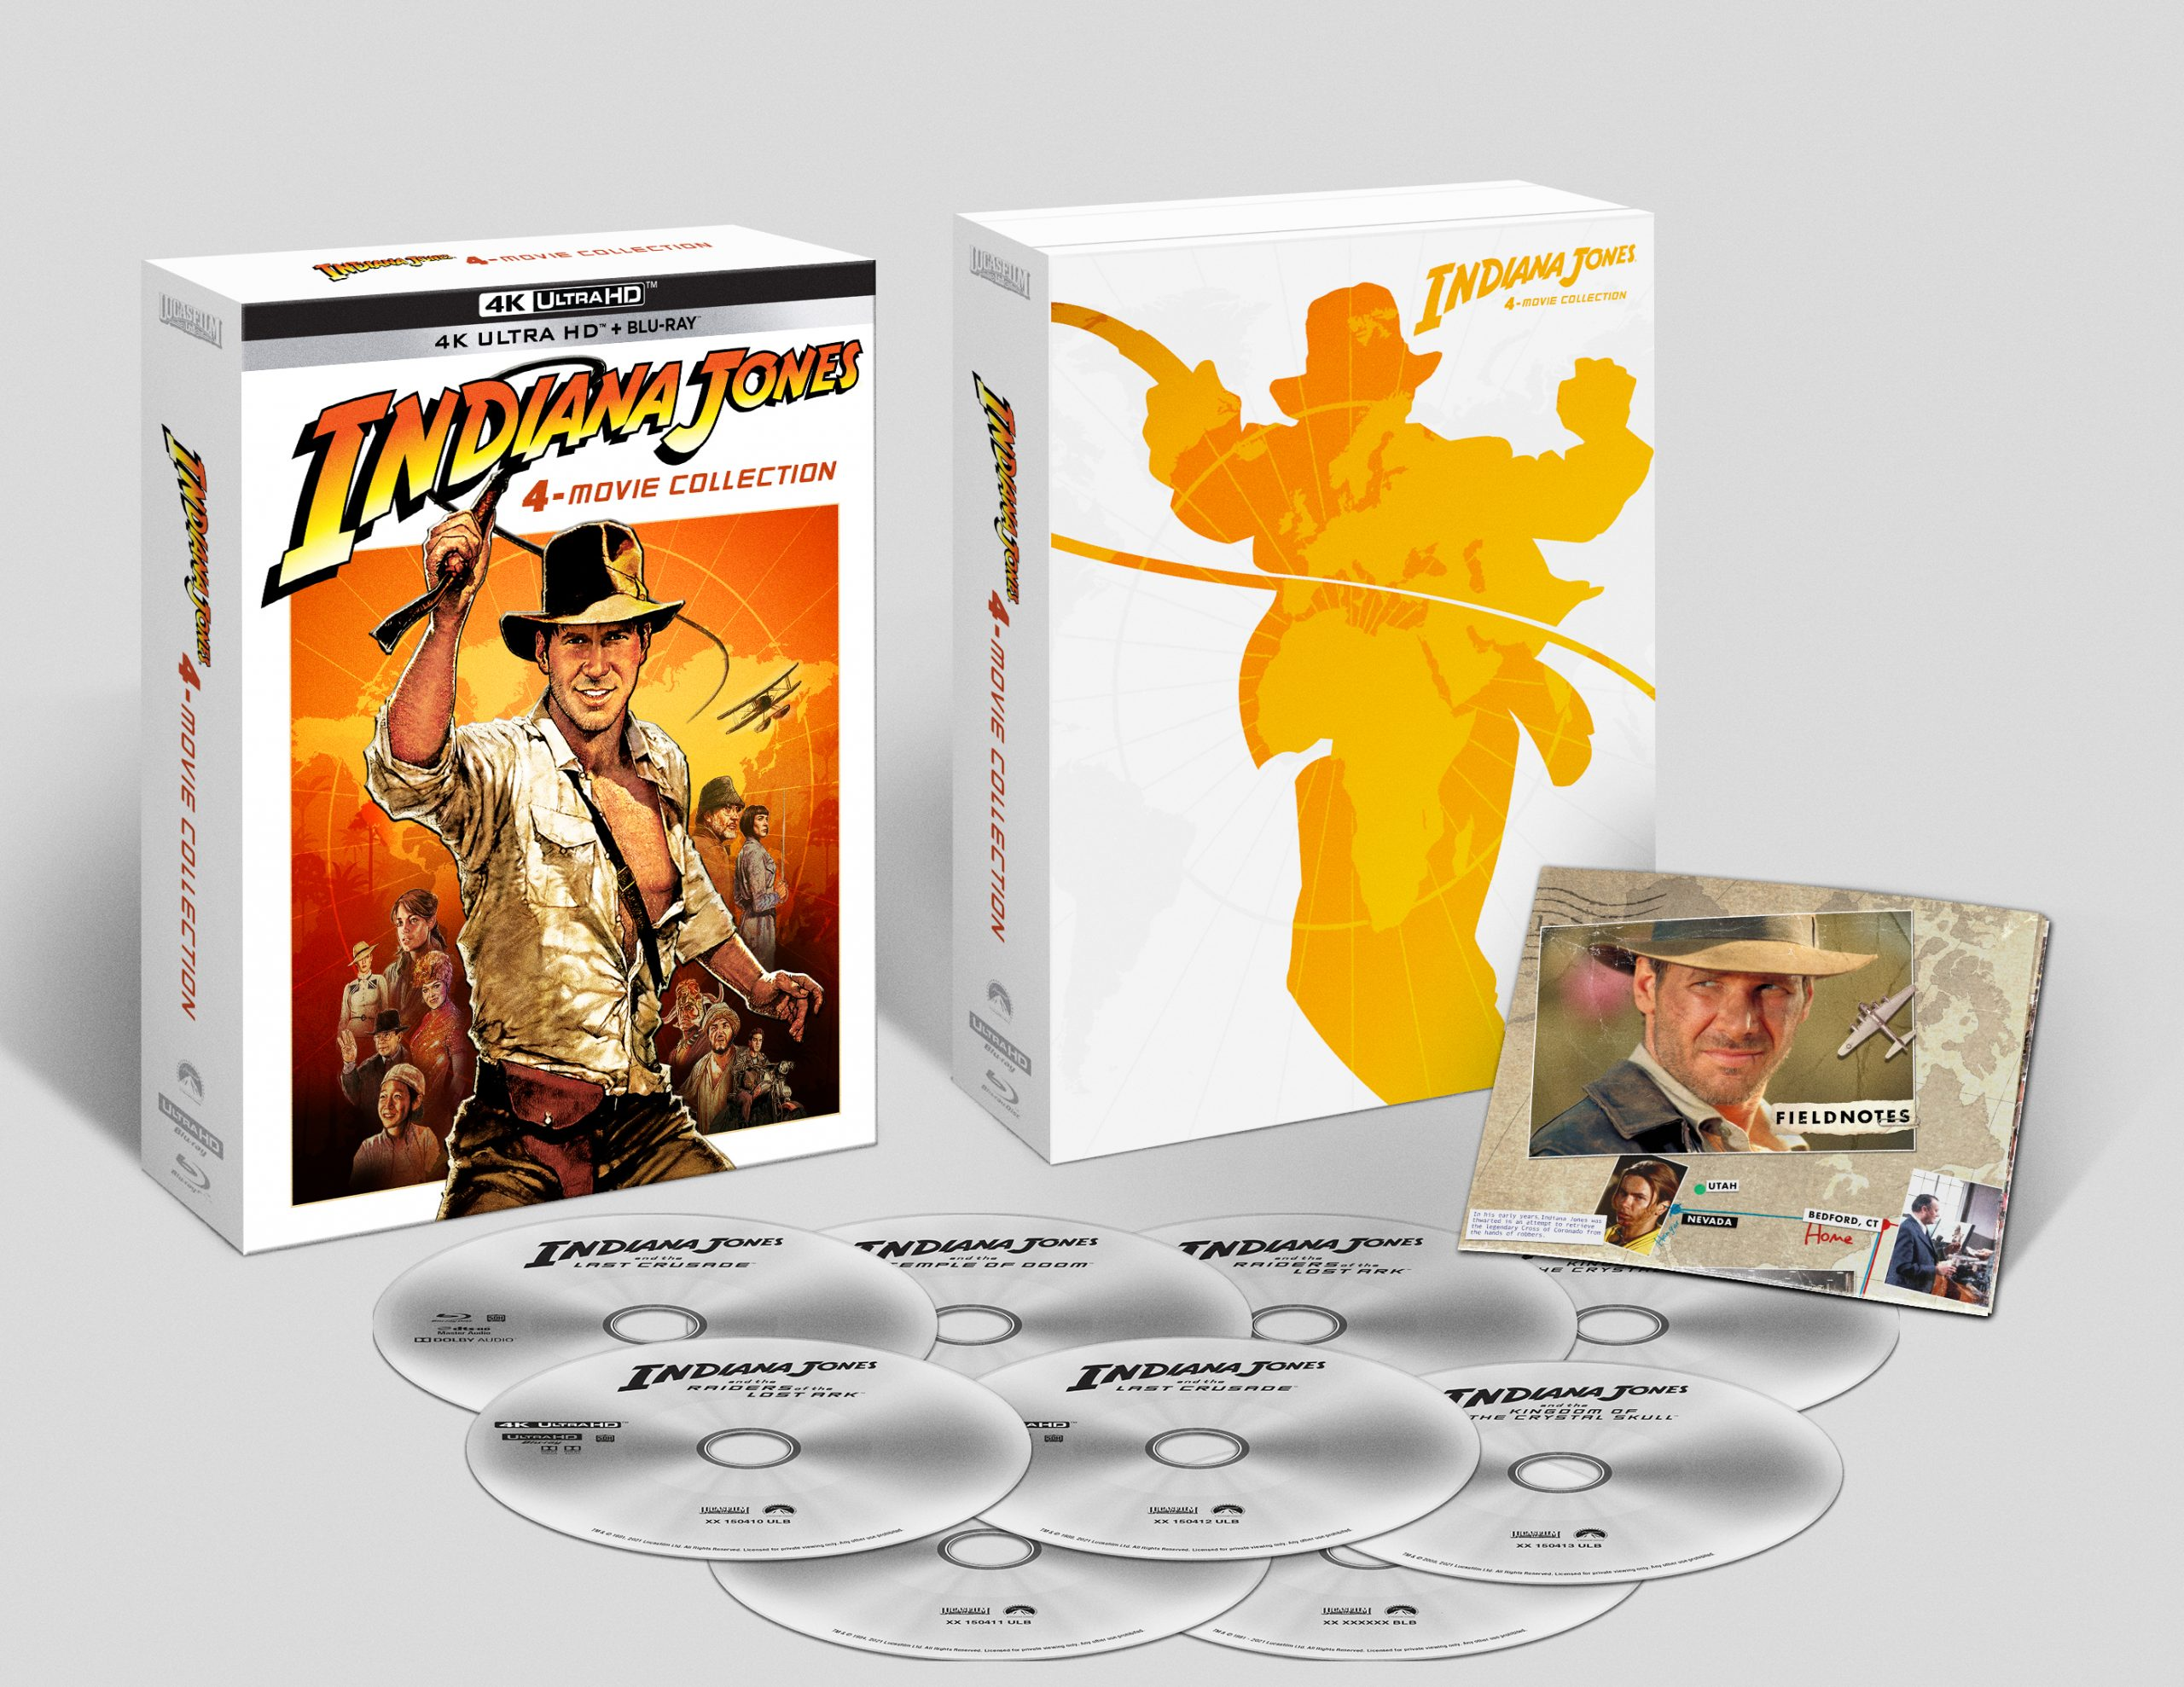 Qui la digipack di Indiana Jones 4-Movie Collection